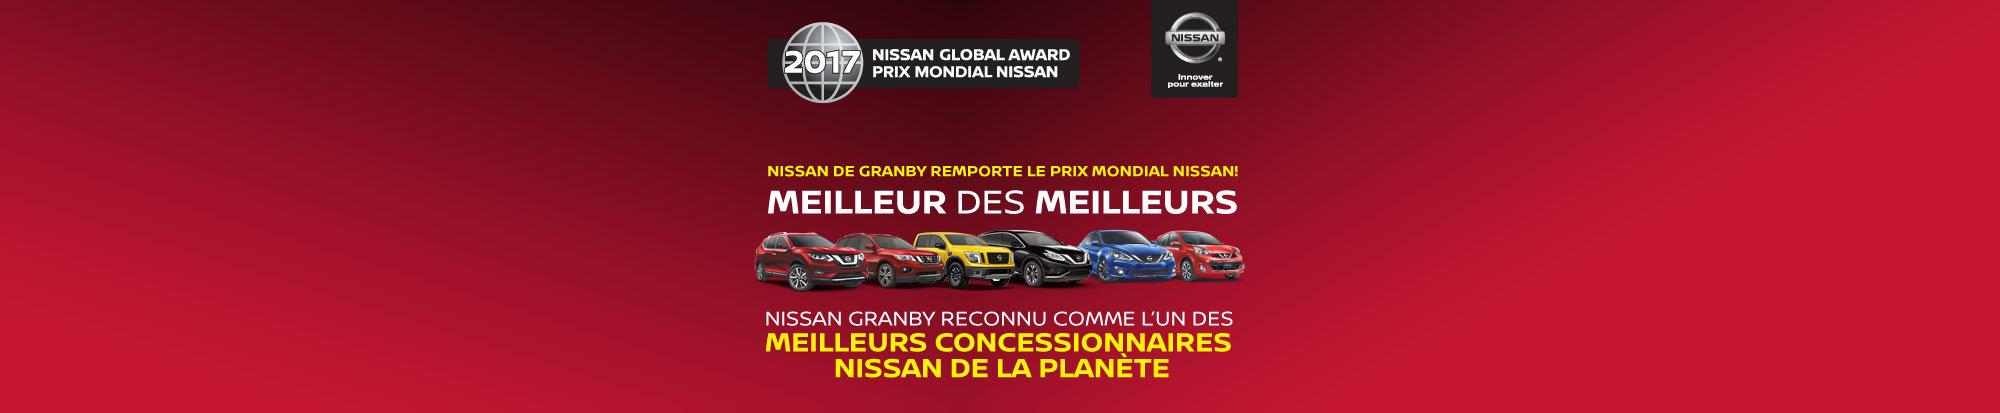 Nissan Granby prix mondial web